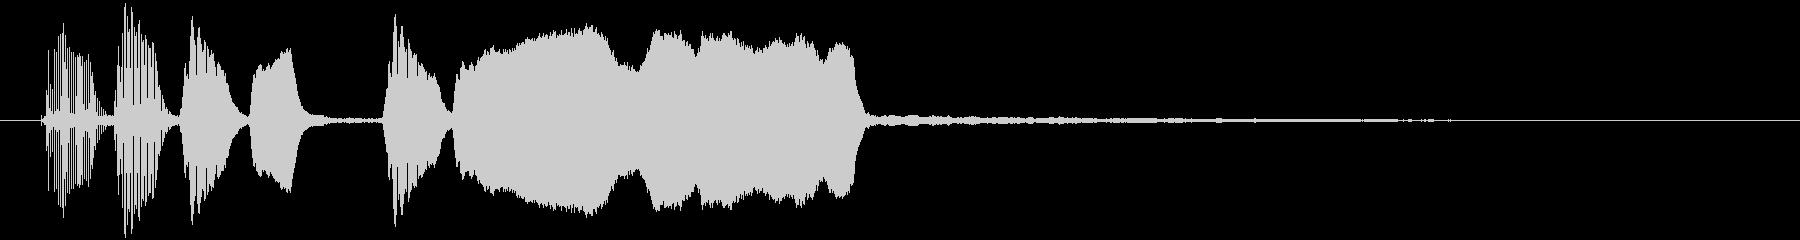 ラッパのファンファーレ タラララッタラーの未再生の波形